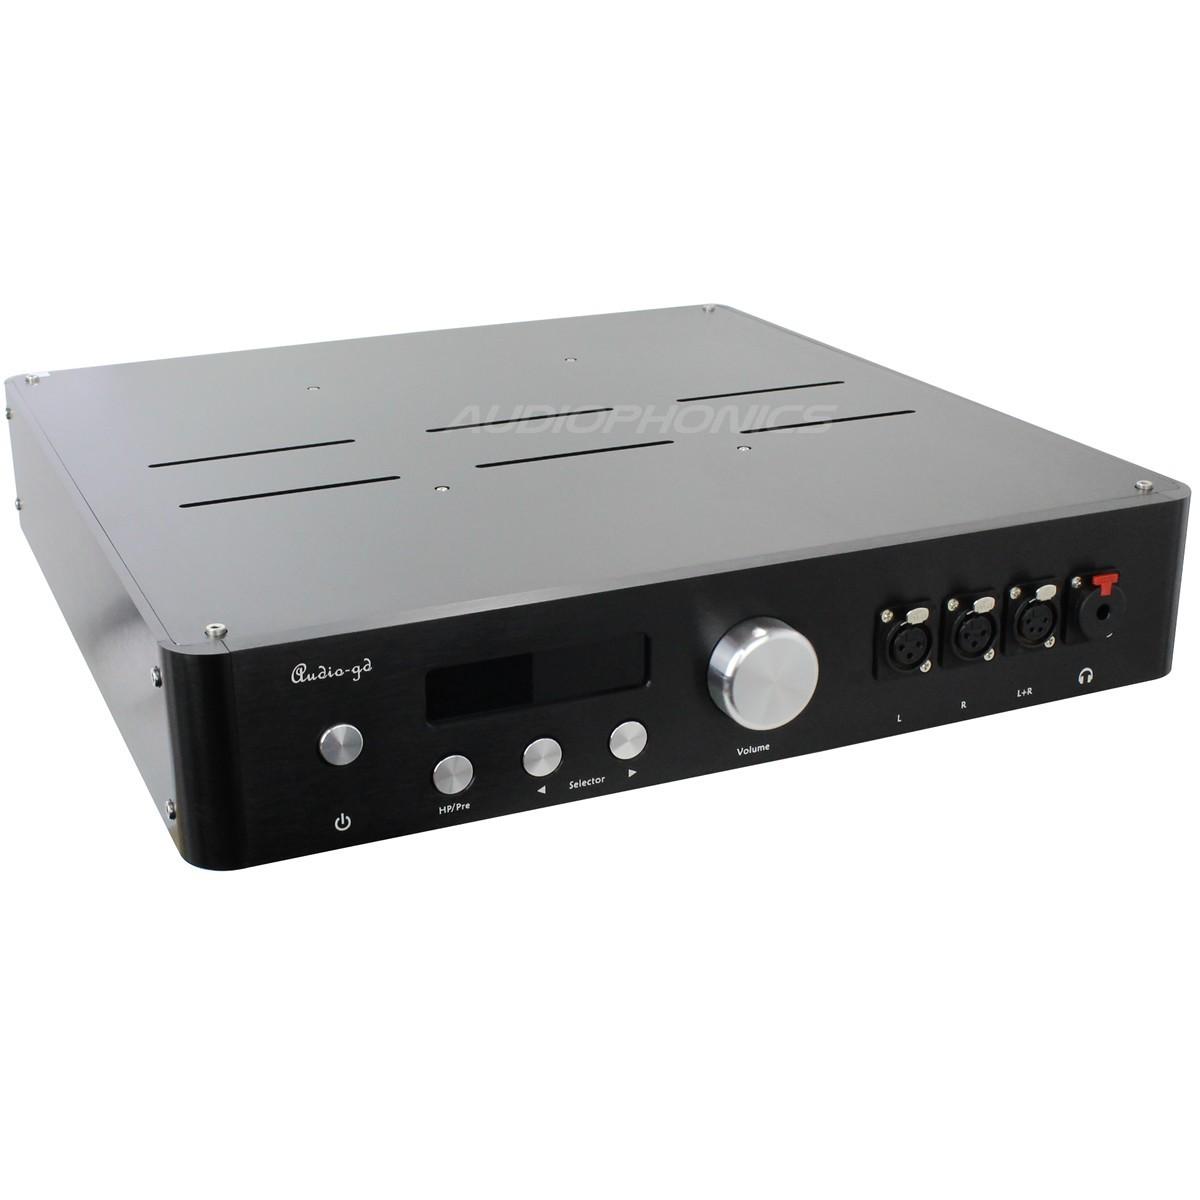 AUDIO-GD MASTER 11 Préampli / Ampli casque / DAC Symétrique 4xPCM1704UK & DSP